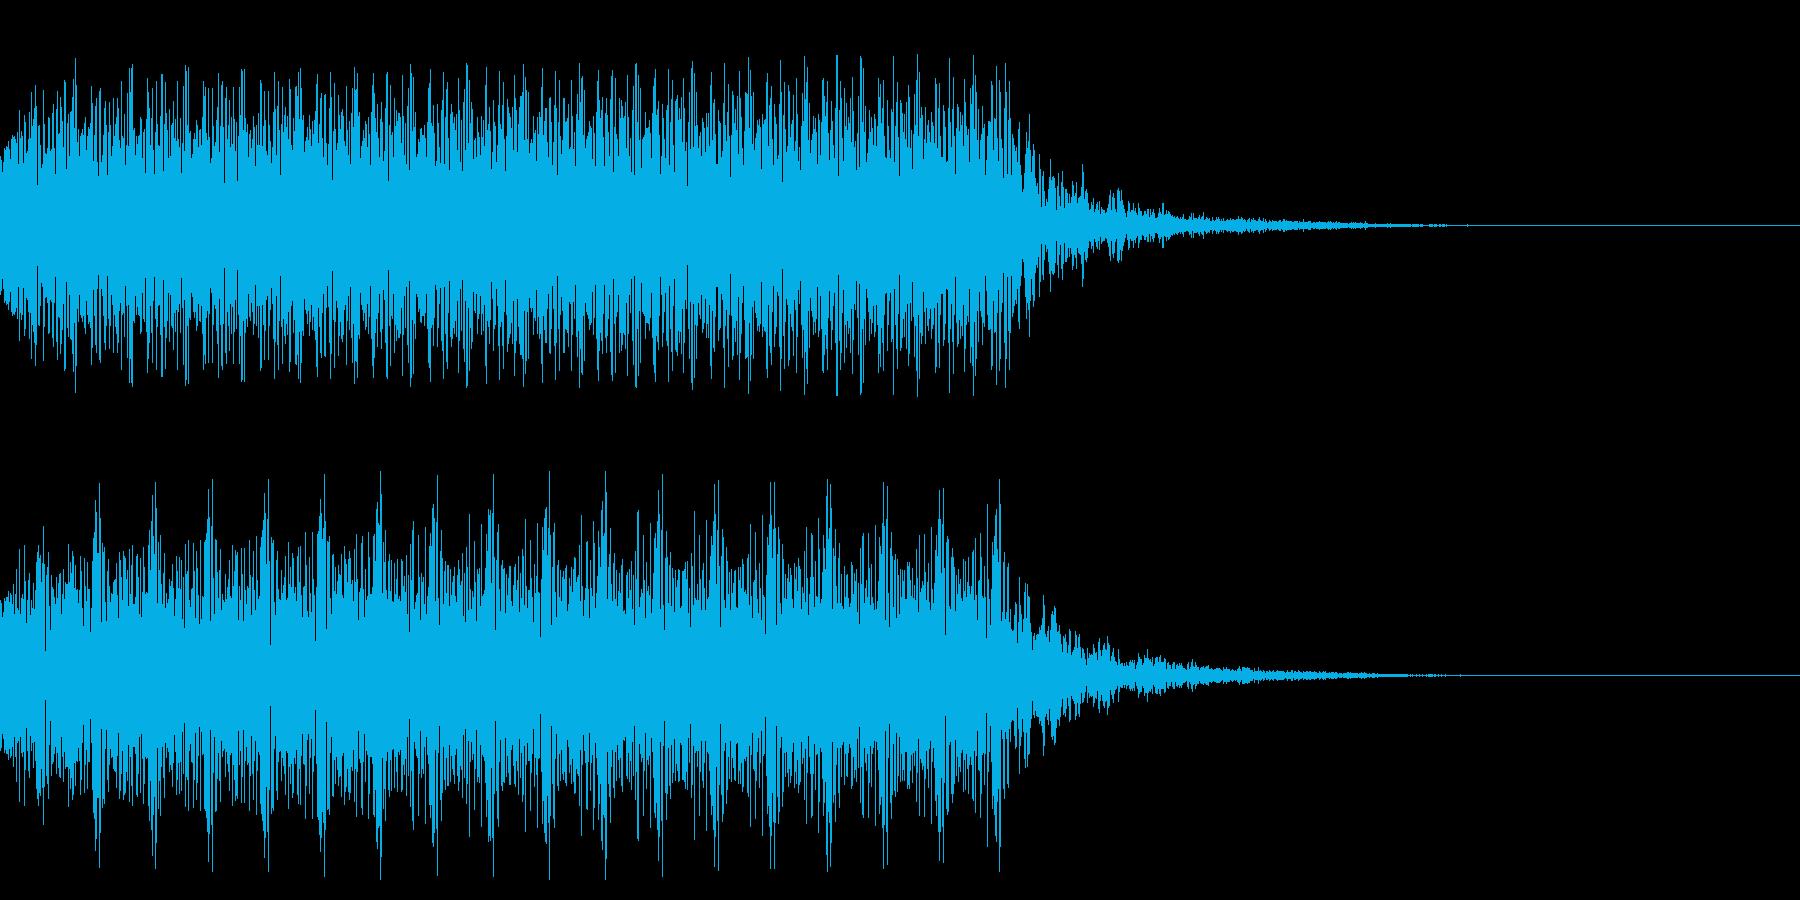 マシンガンの発砲音_その2の再生済みの波形